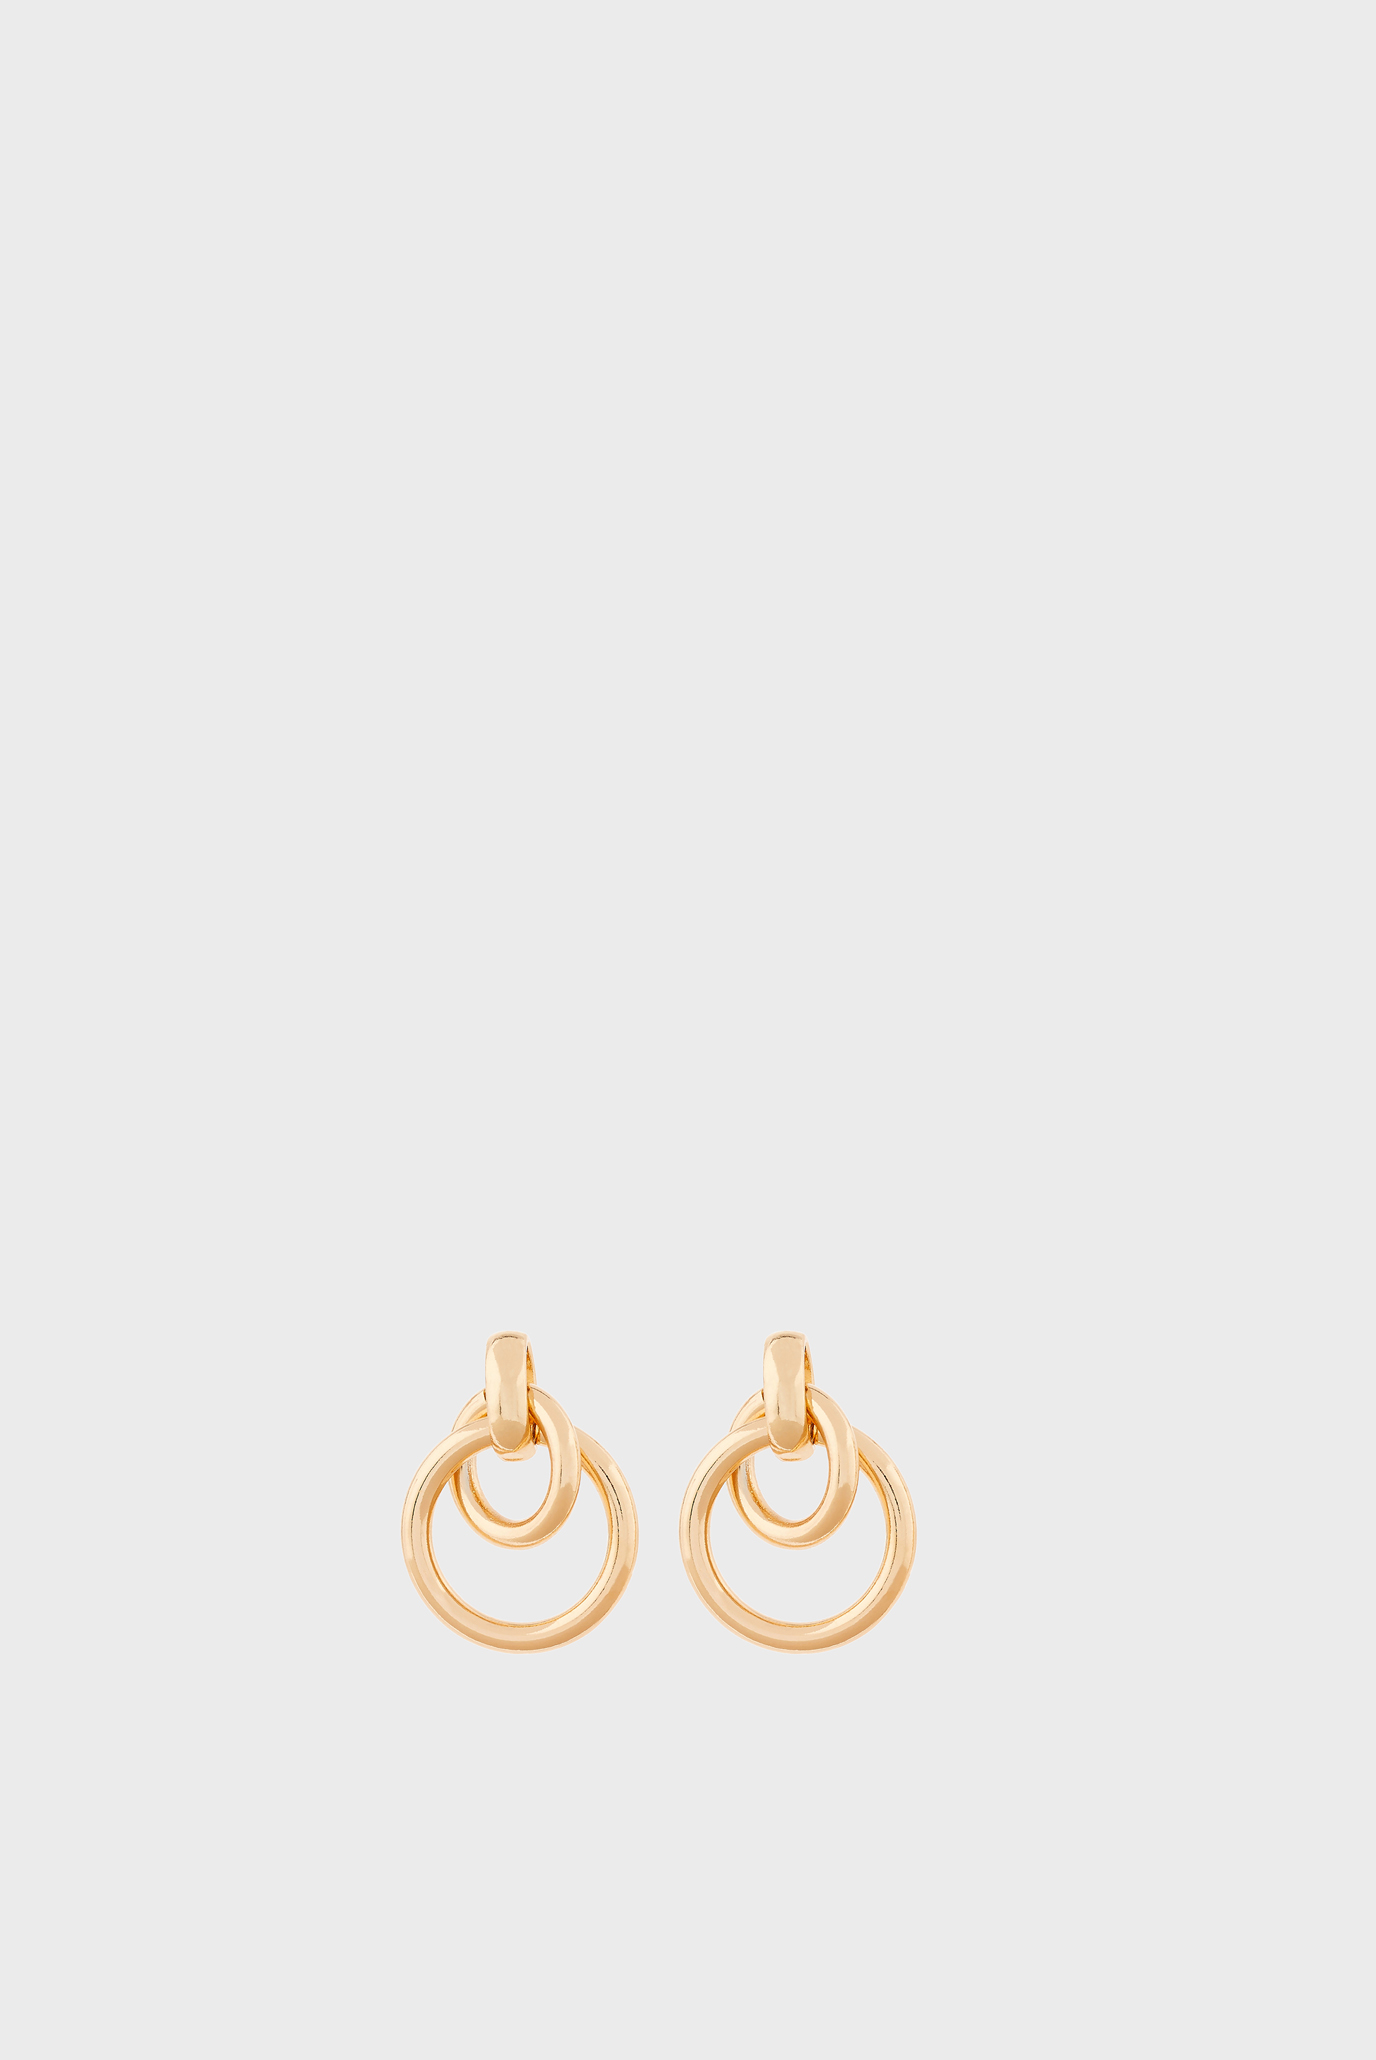 Жіночі золотисті сережки DAINTY LOOPS DOORKNO 1